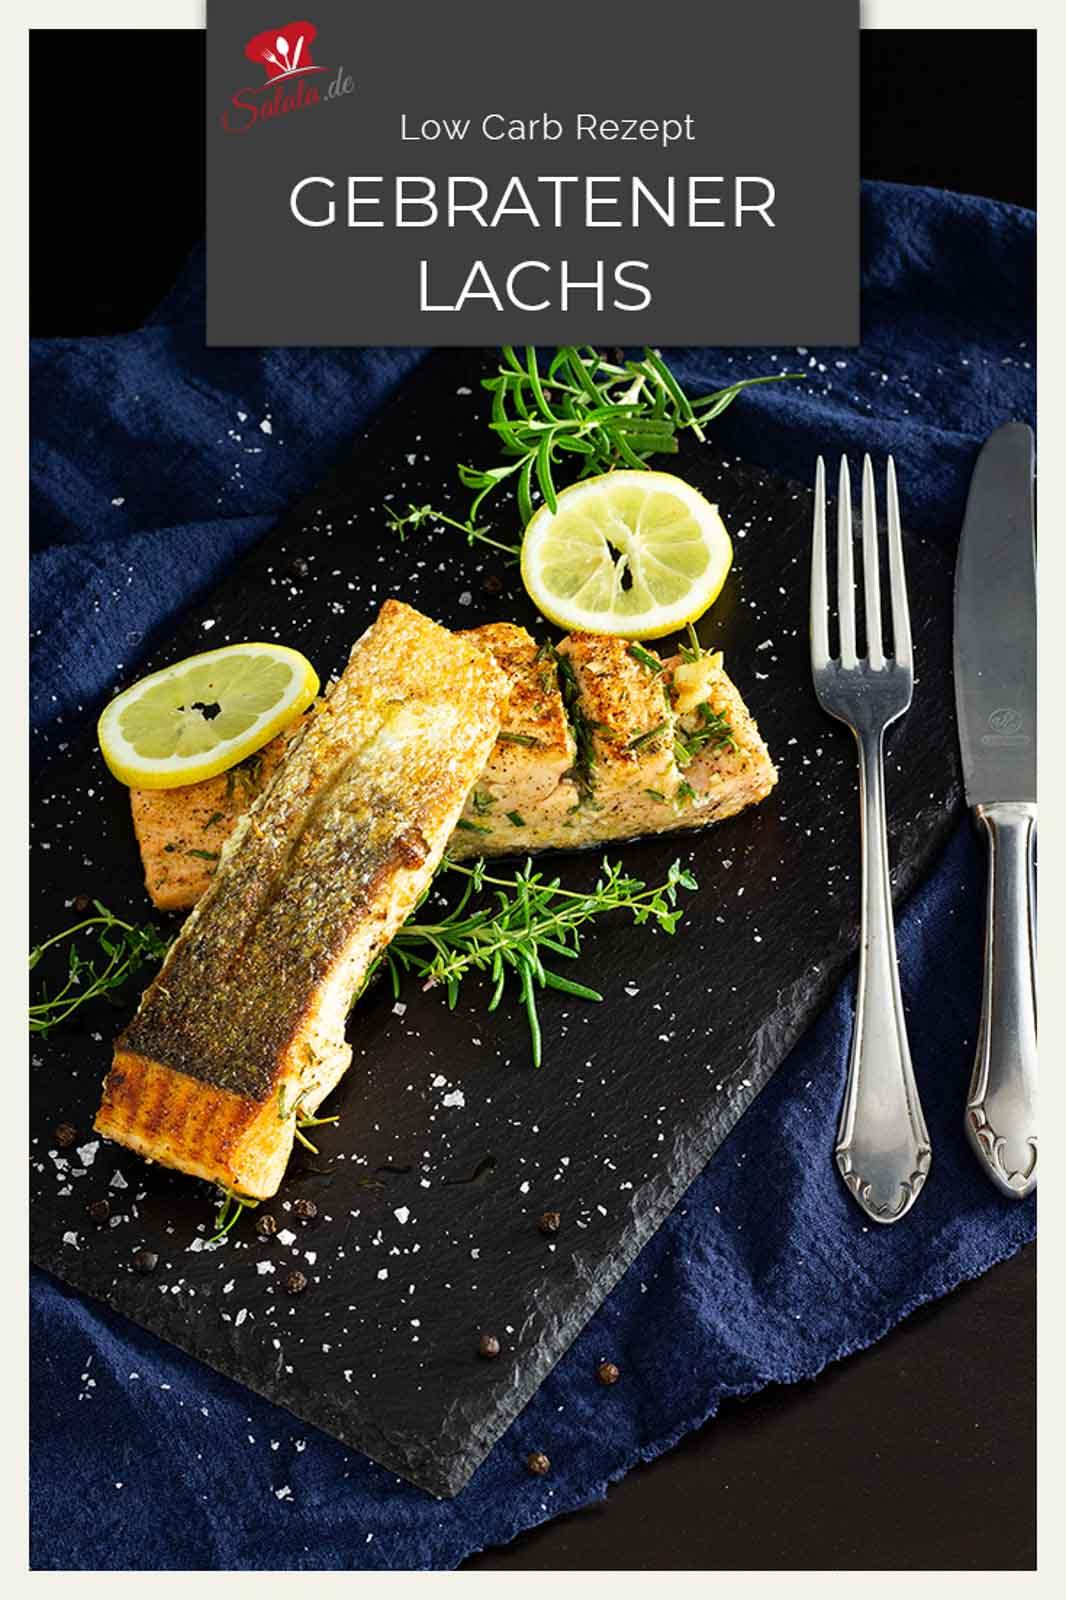 Lachs braten ist gar nicht schwer. Und auch eine knusprige Haut unter dein Lachsfilet zu zaubern ist ganz einfach. Wie genau du das machst? Schau mal ins Rezept, da zeigen wir Dir, wie einfach du ein knuspriges und total saftiges Low Carb Lachsfilet zauberst. #lowcarbrezept #lachsfilet #lachsfiletmithaut #lachsanbraten #knusrpigerlachs #lowcarbfisch #lowcarbfischrezepte #rezept #fisch #lachs